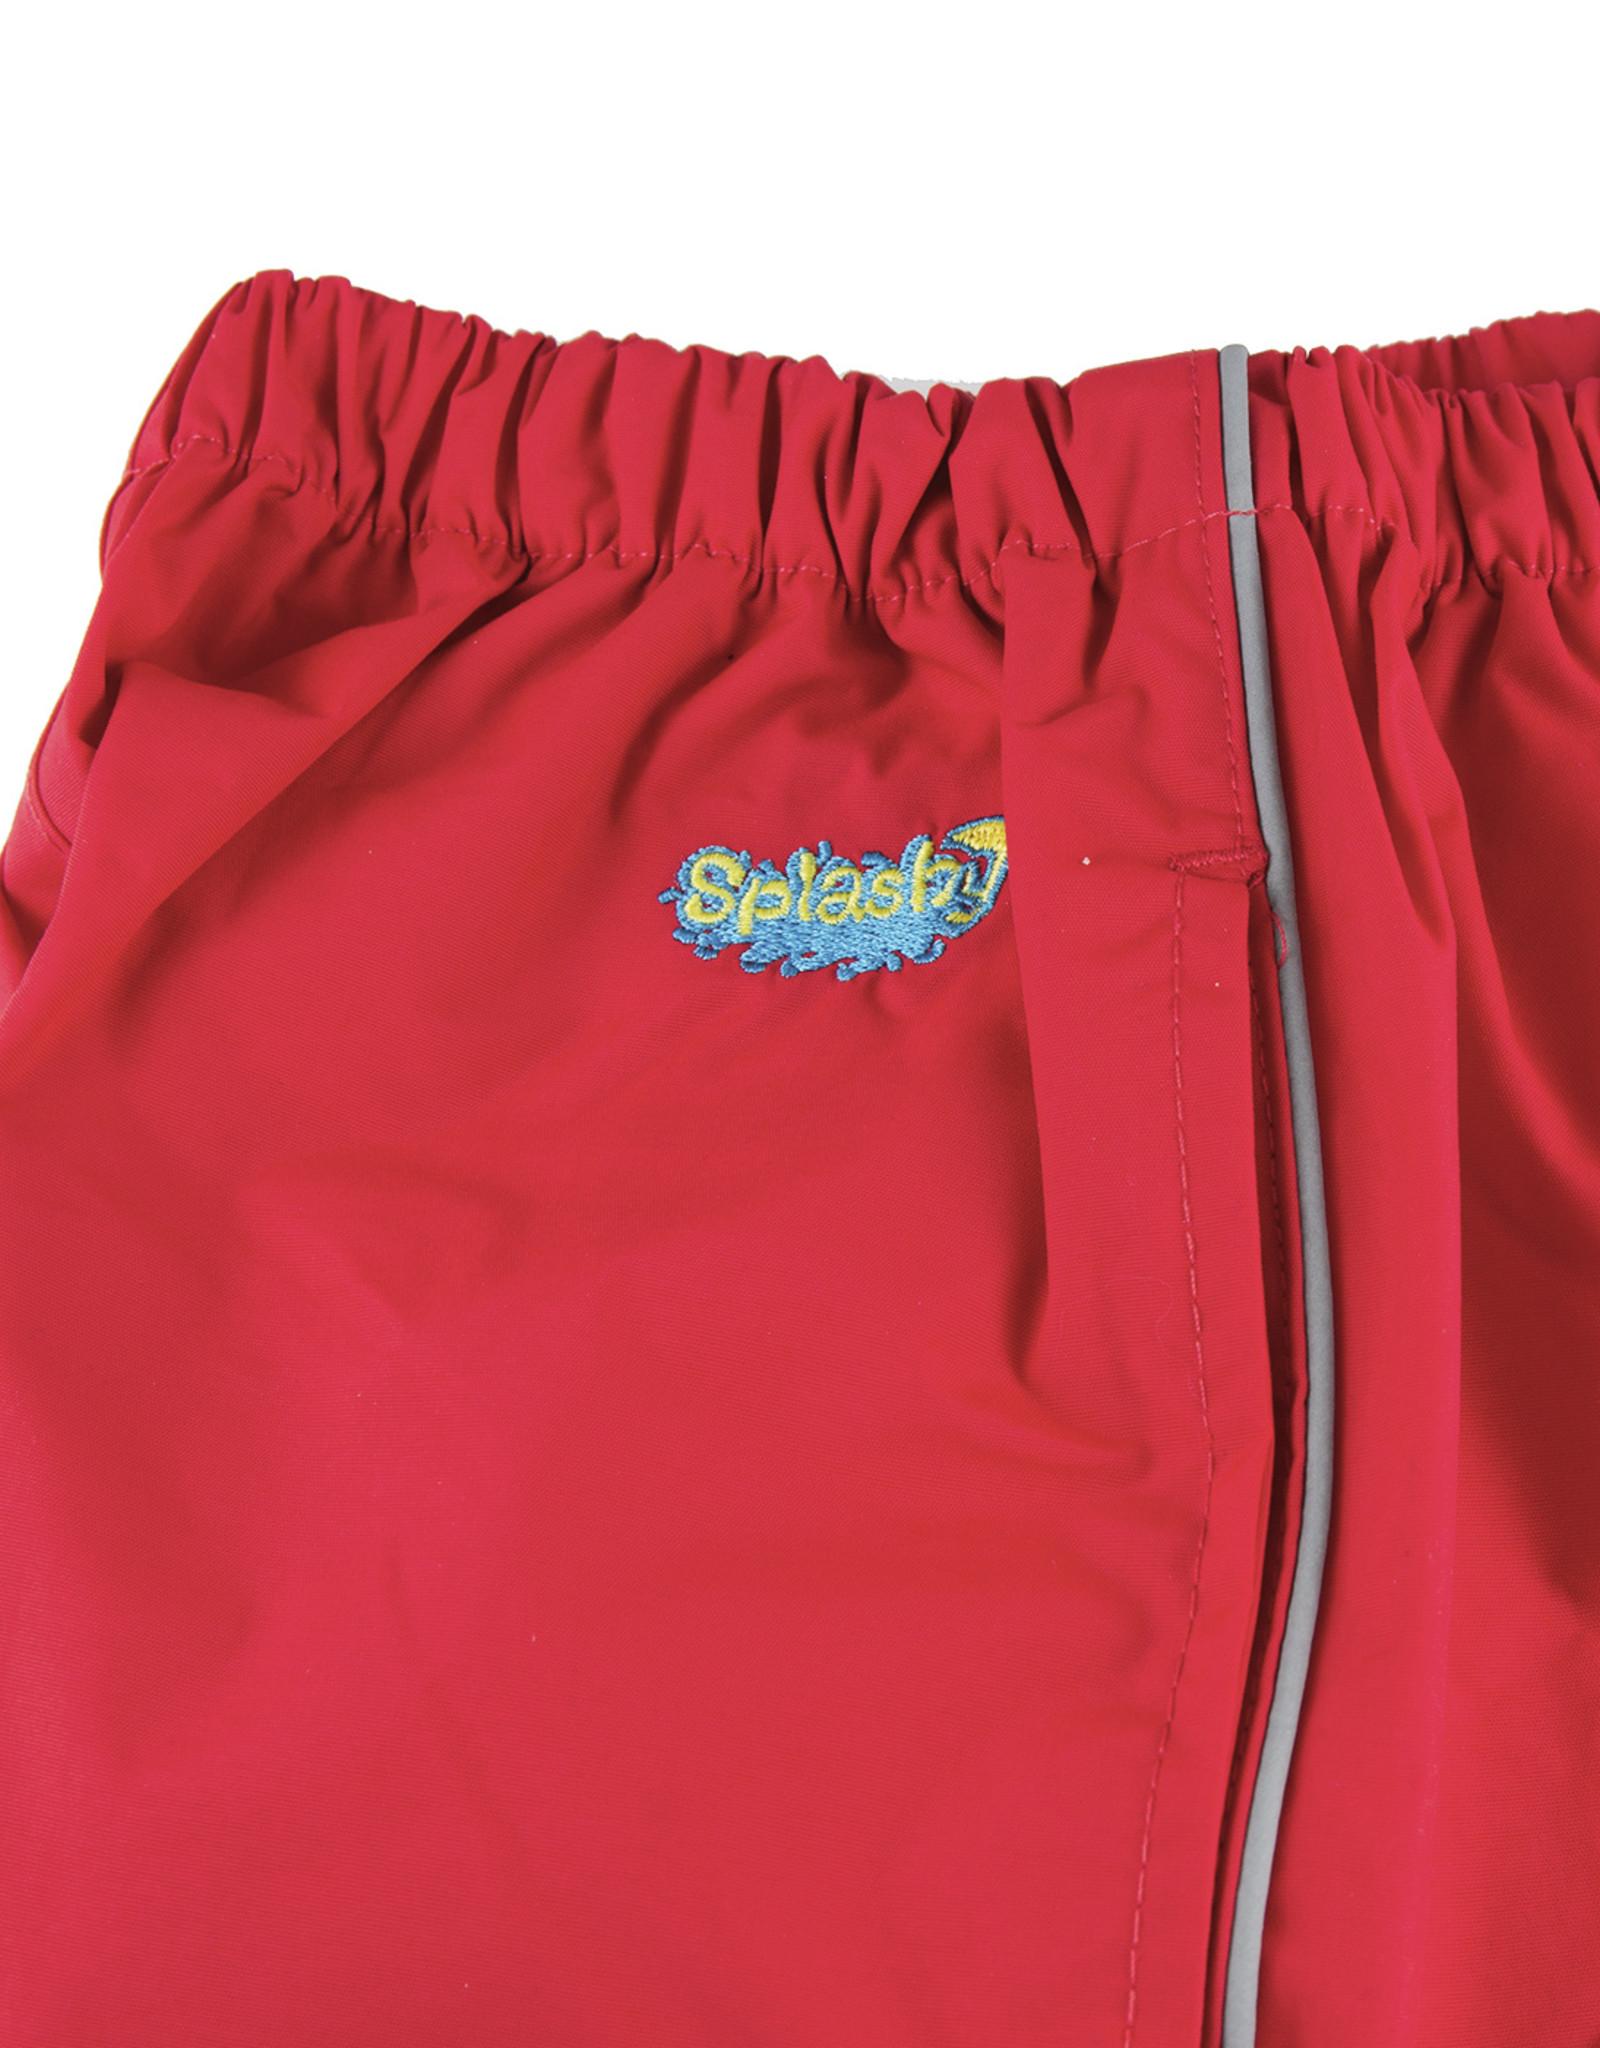 Splashy Boys/6x-7/Red/Splashpant